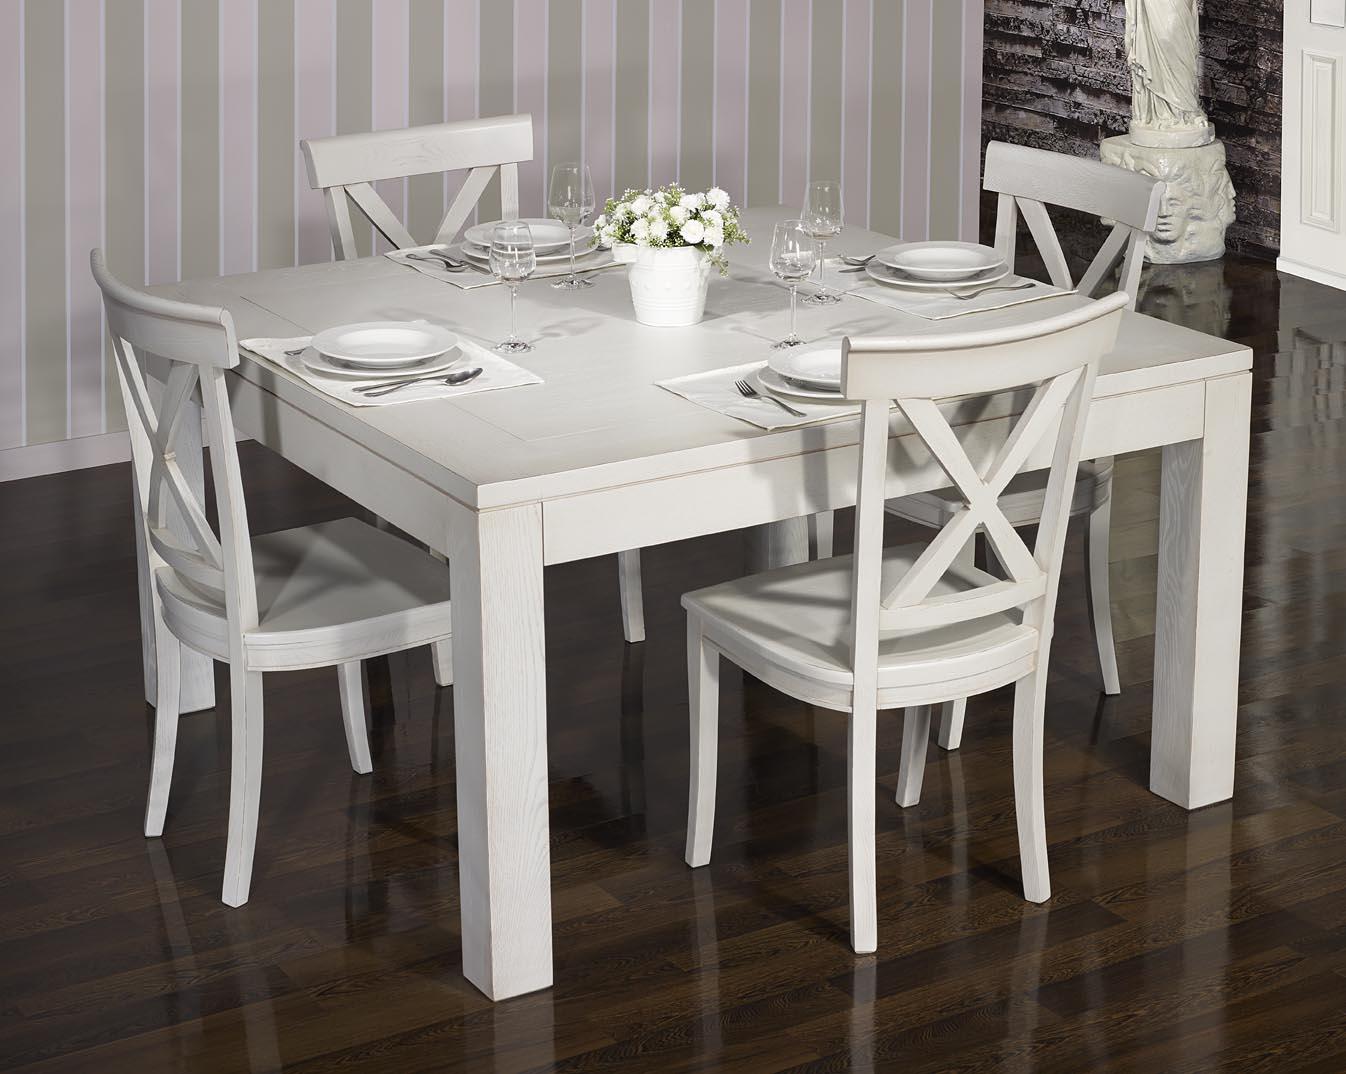 table de salle a manger 140 140 contemporaine realisee en chene finition chene brosse gris perle